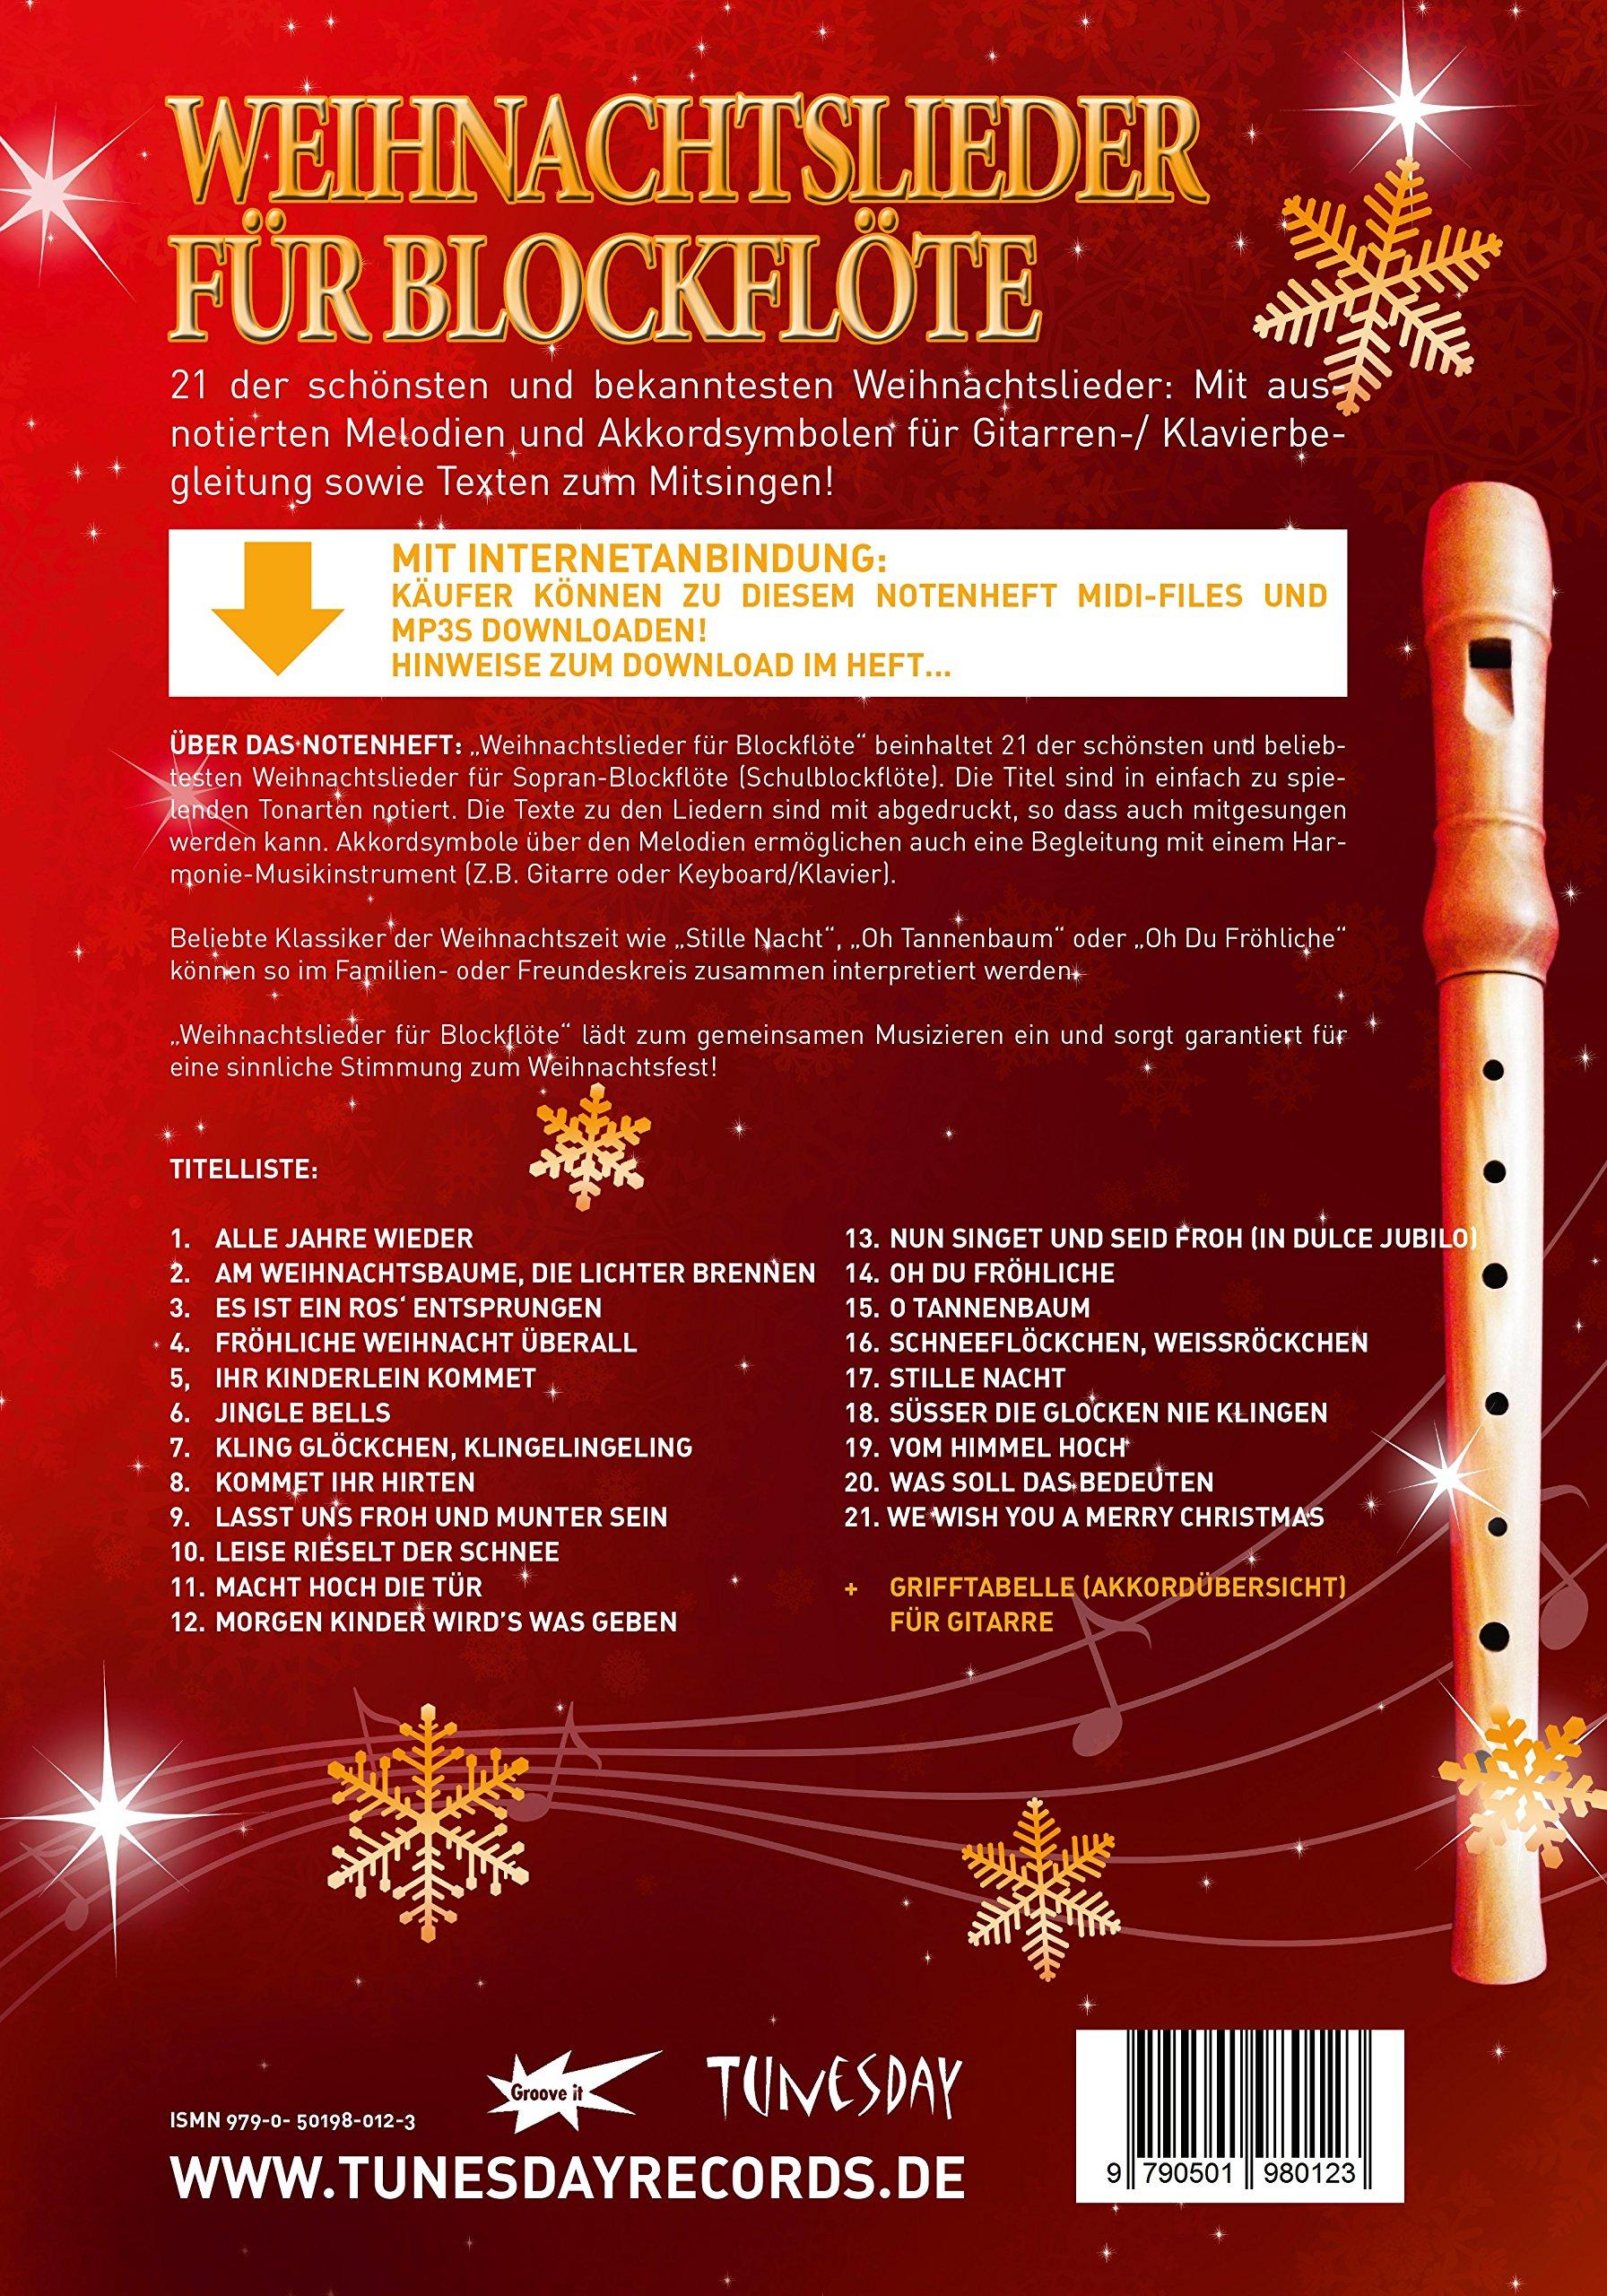 Weihnachtslieder für Blockflöte - mit Liedtexten & Akkordsymbolen ...